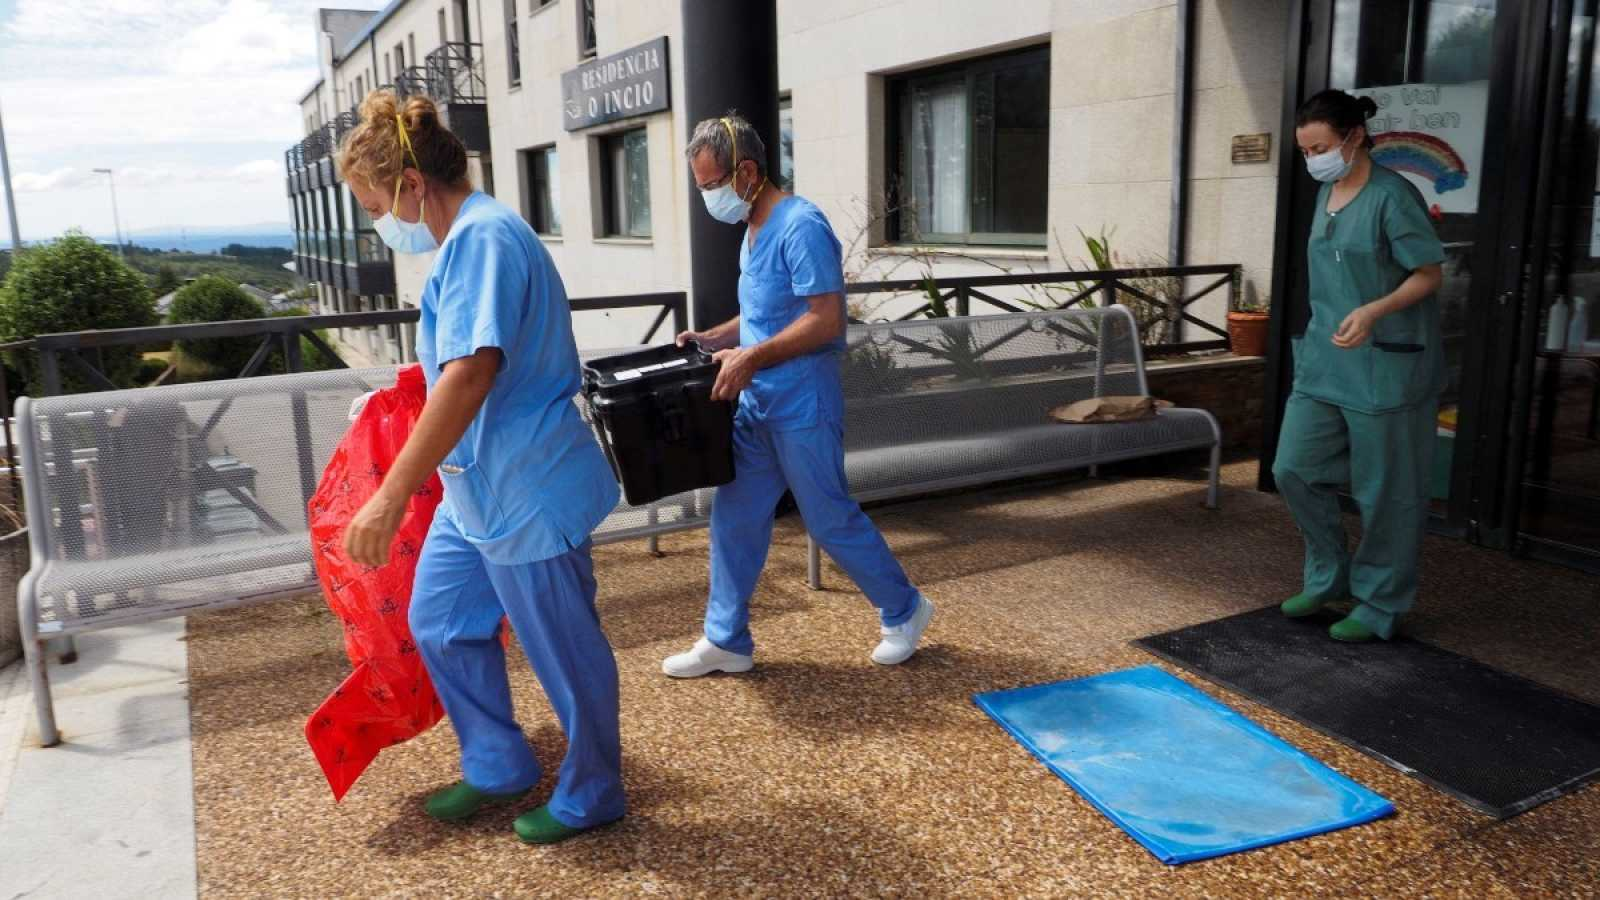 Trabajadores sanitarios salen de la residencia O Incio, en Lugo.